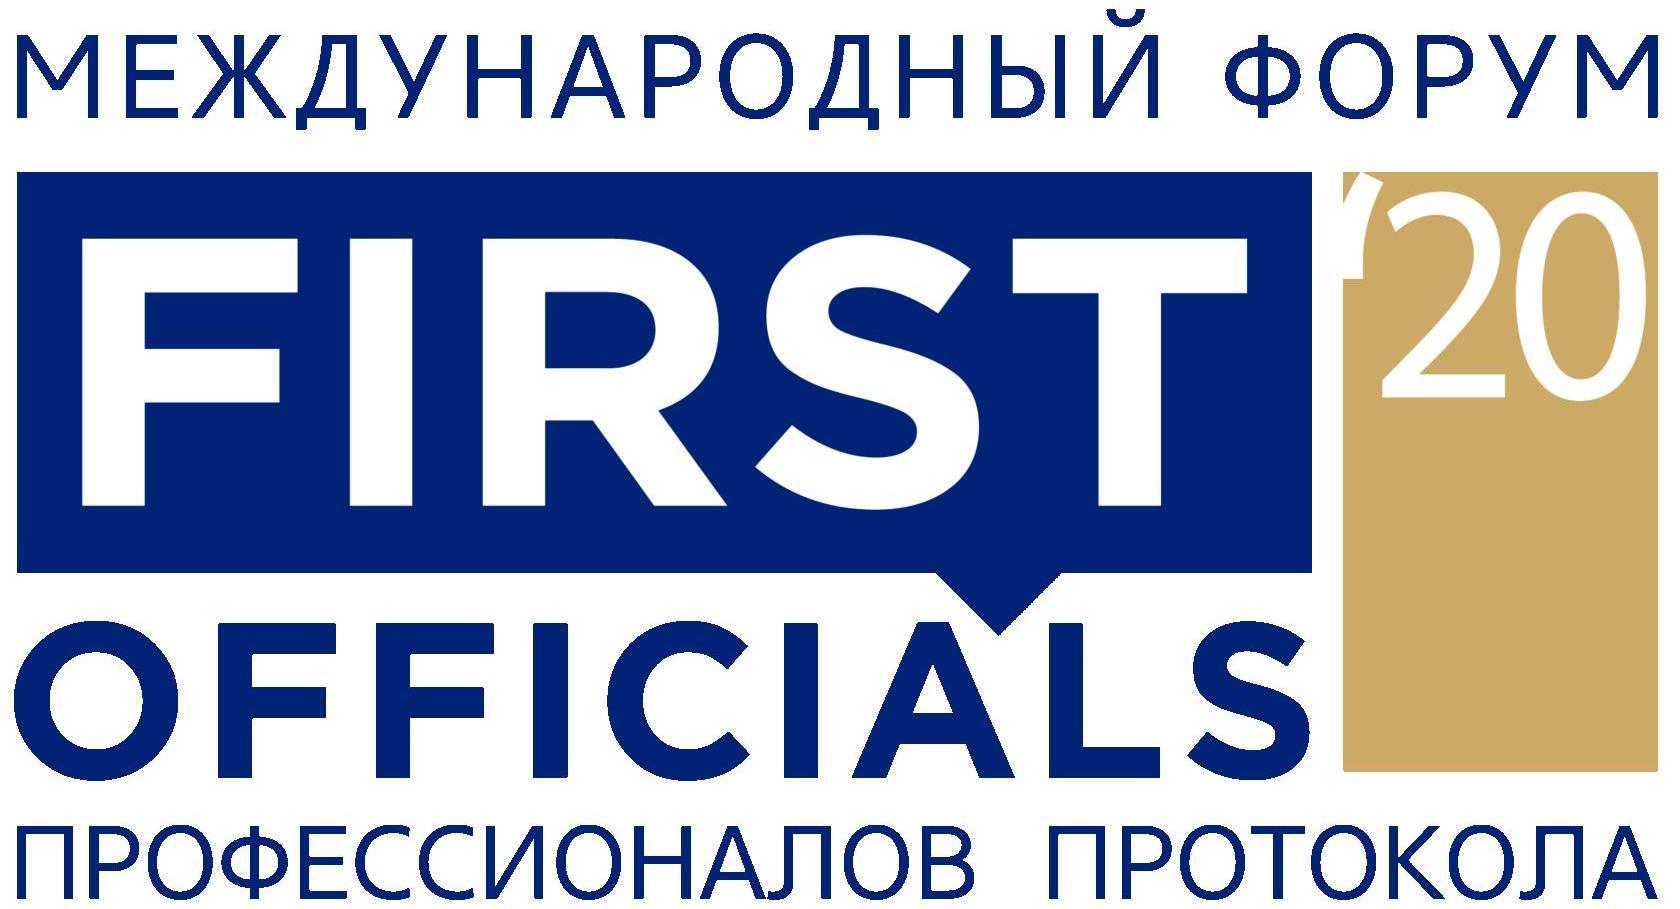 Международный Форум профессионалов протокола «ПЕРВЫЕ ЛИЦА»